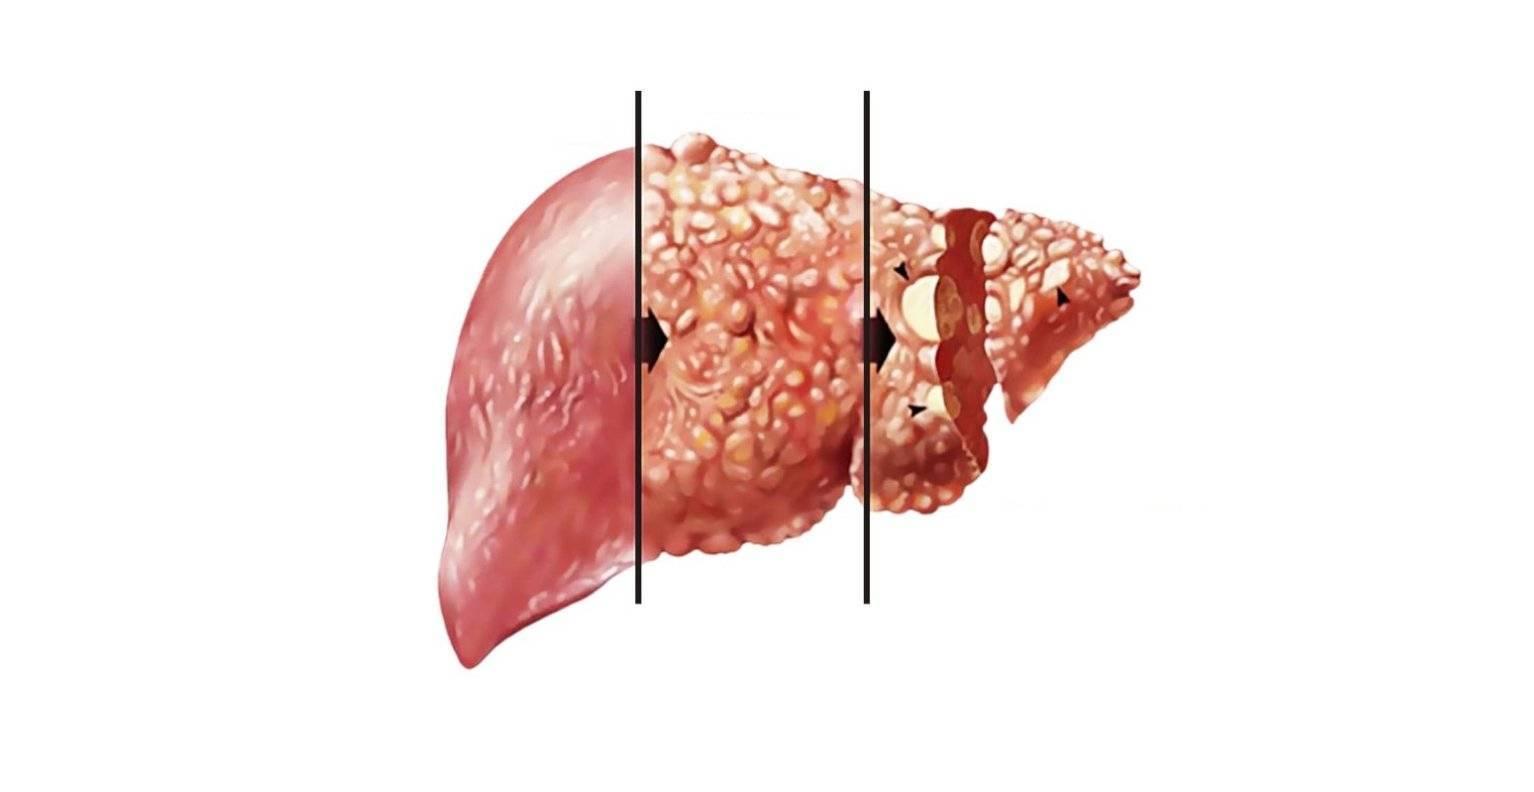 Жировой гепатоз: симптомы, лечение и диета при стеатозе (гепатозе)